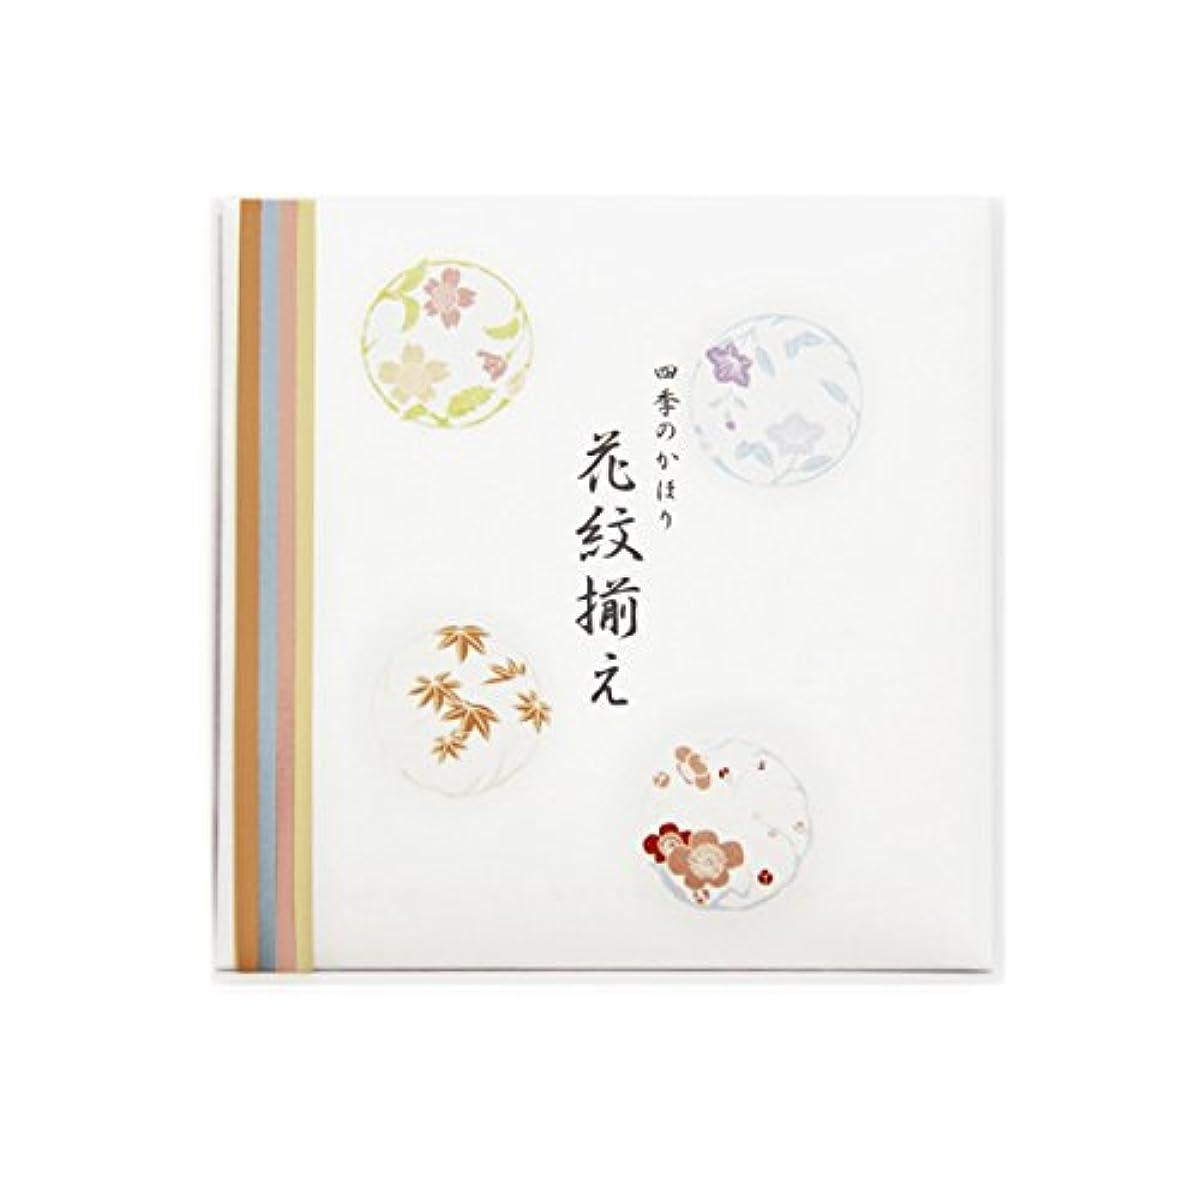 ストリーム静脈偏見四季の香り 花紋揃え スティック4種各4本入